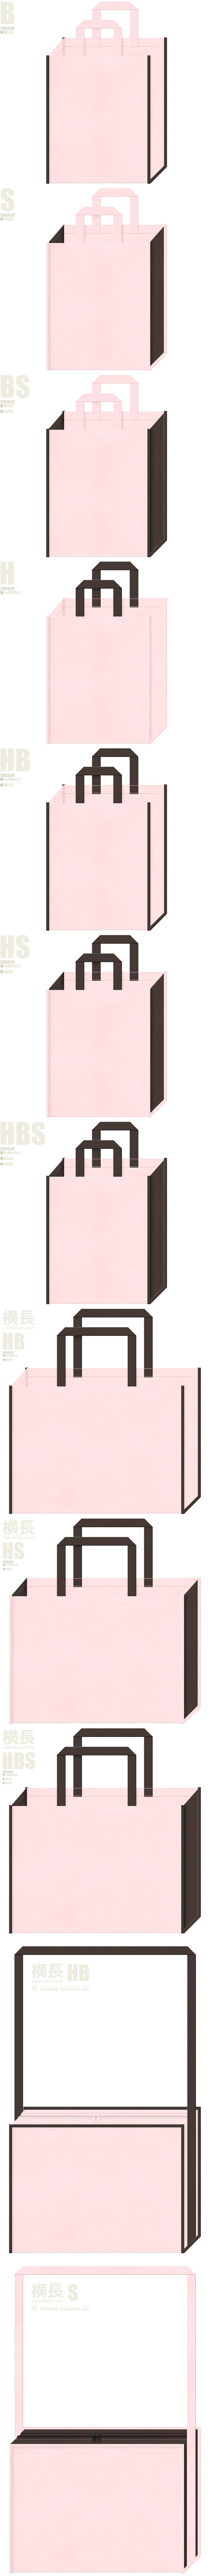 学校・オープンキャンパス・桜の木・いちごチョコのイメージにお奨めの不織布バッグデザイン:桜色とこげ茶色の配色7パターン。